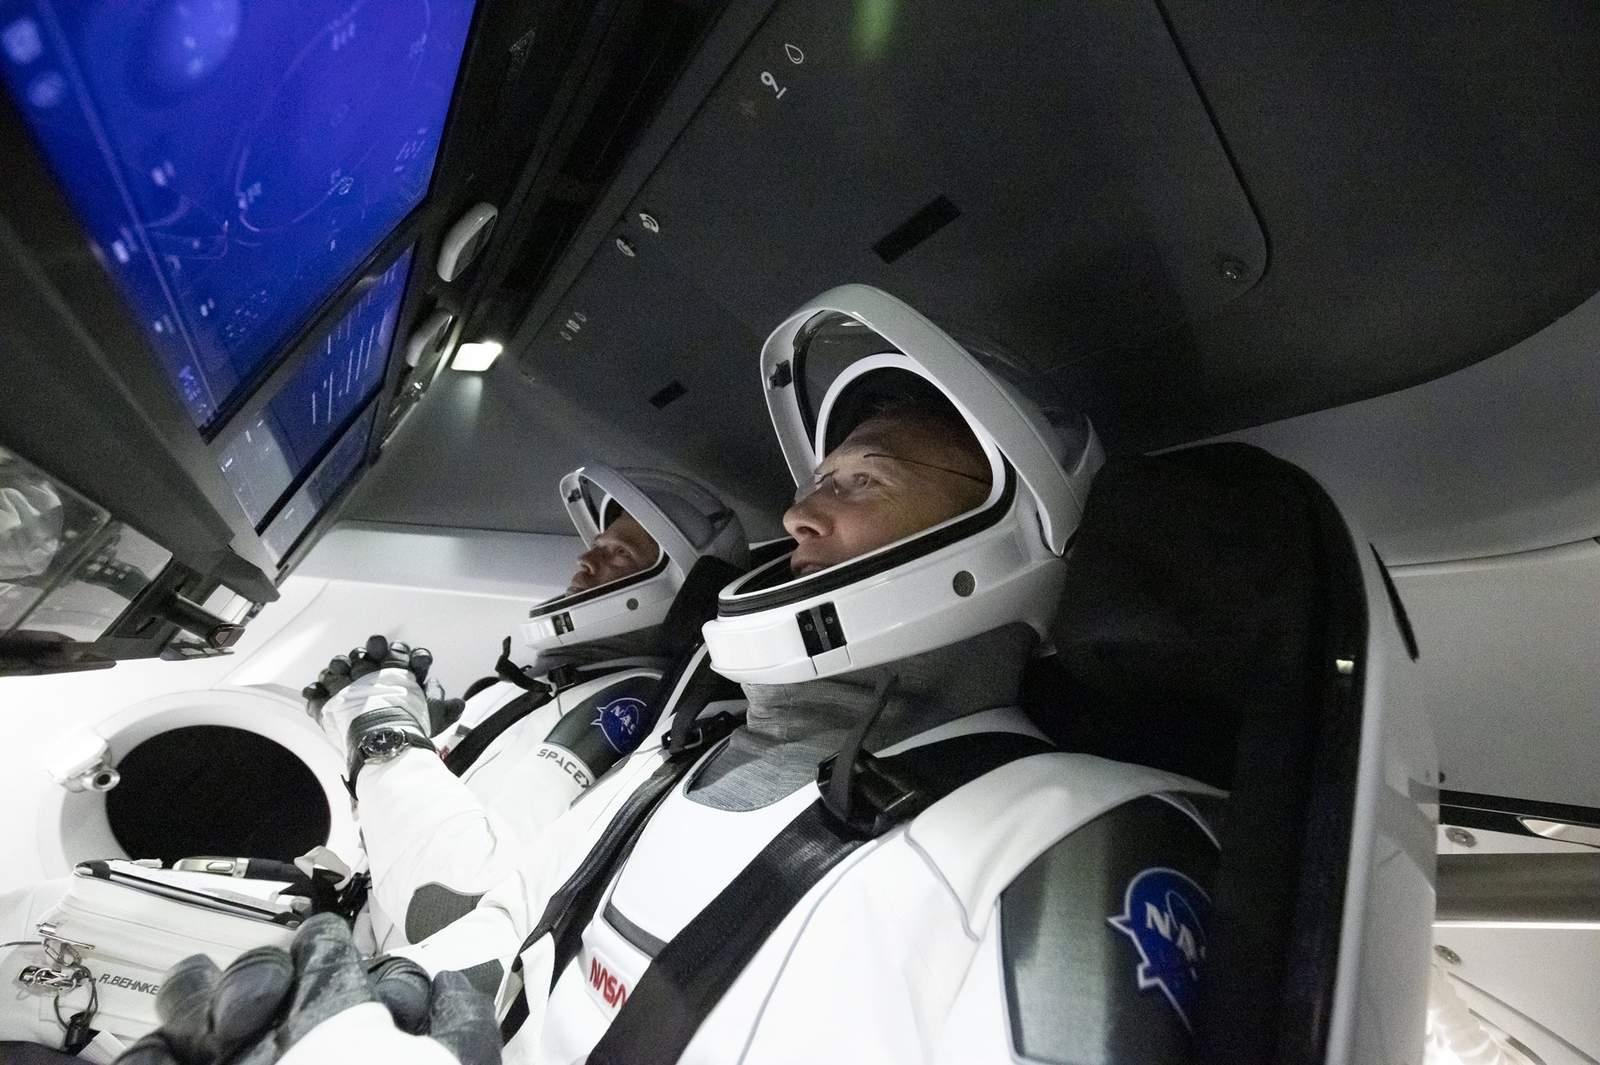 स्पेसएक्सको पहिलो मानवसहितको अन्तरिक्ष प्रक्षेपण रोकियो, आगामी शनिबार फेरी प्रक्षेपण हुने